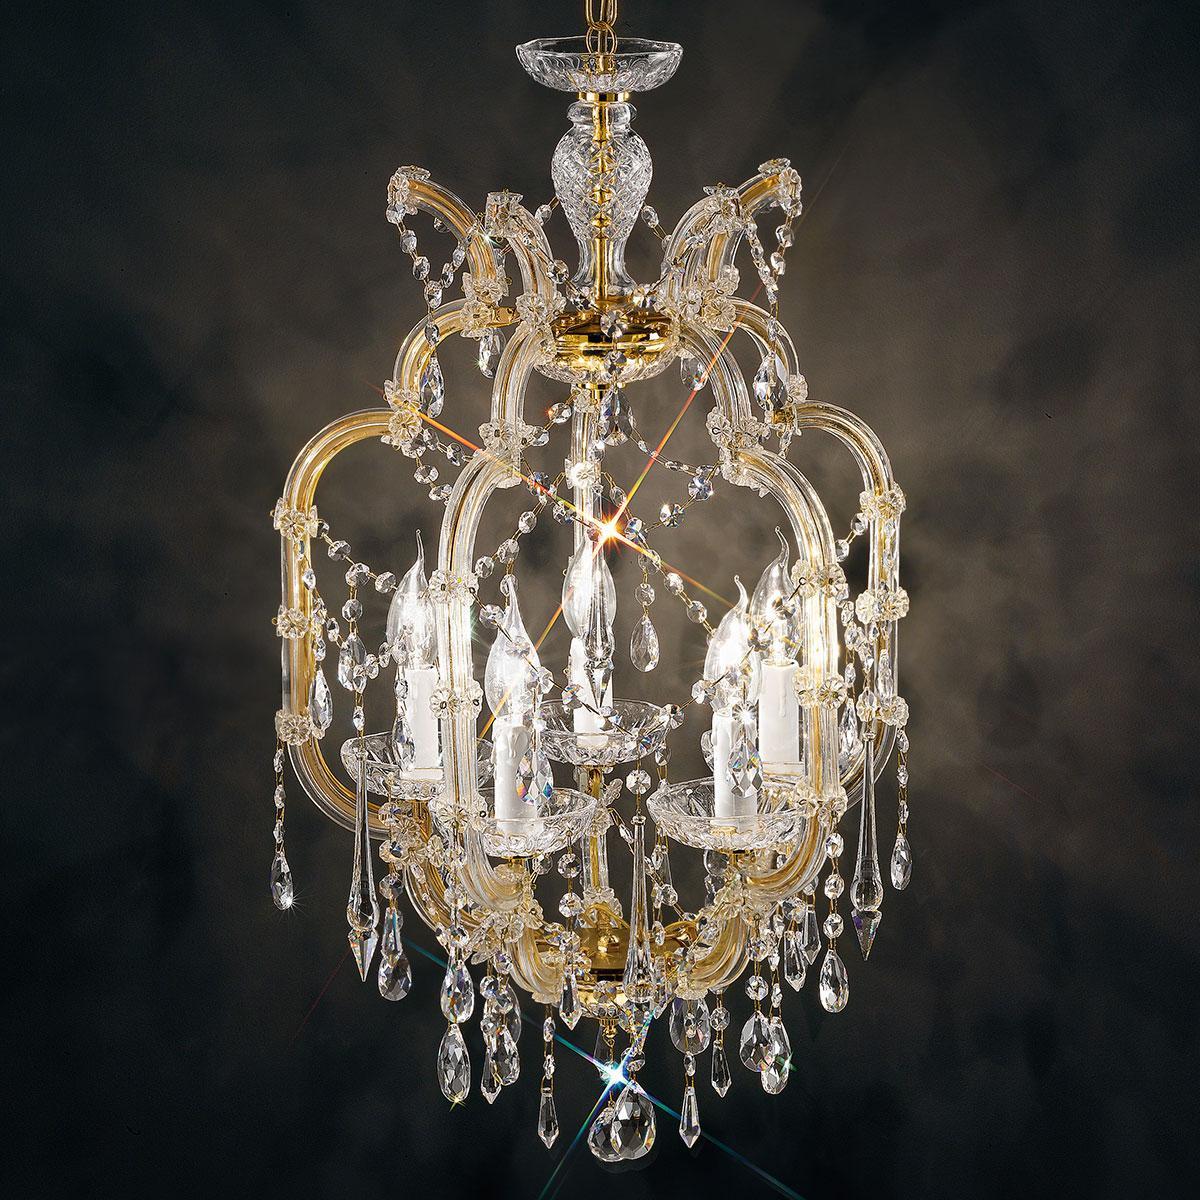 """""""Baricco"""" lampara veneciana en cristal - 5 luces - transparentecon Swarovski colgantes"""